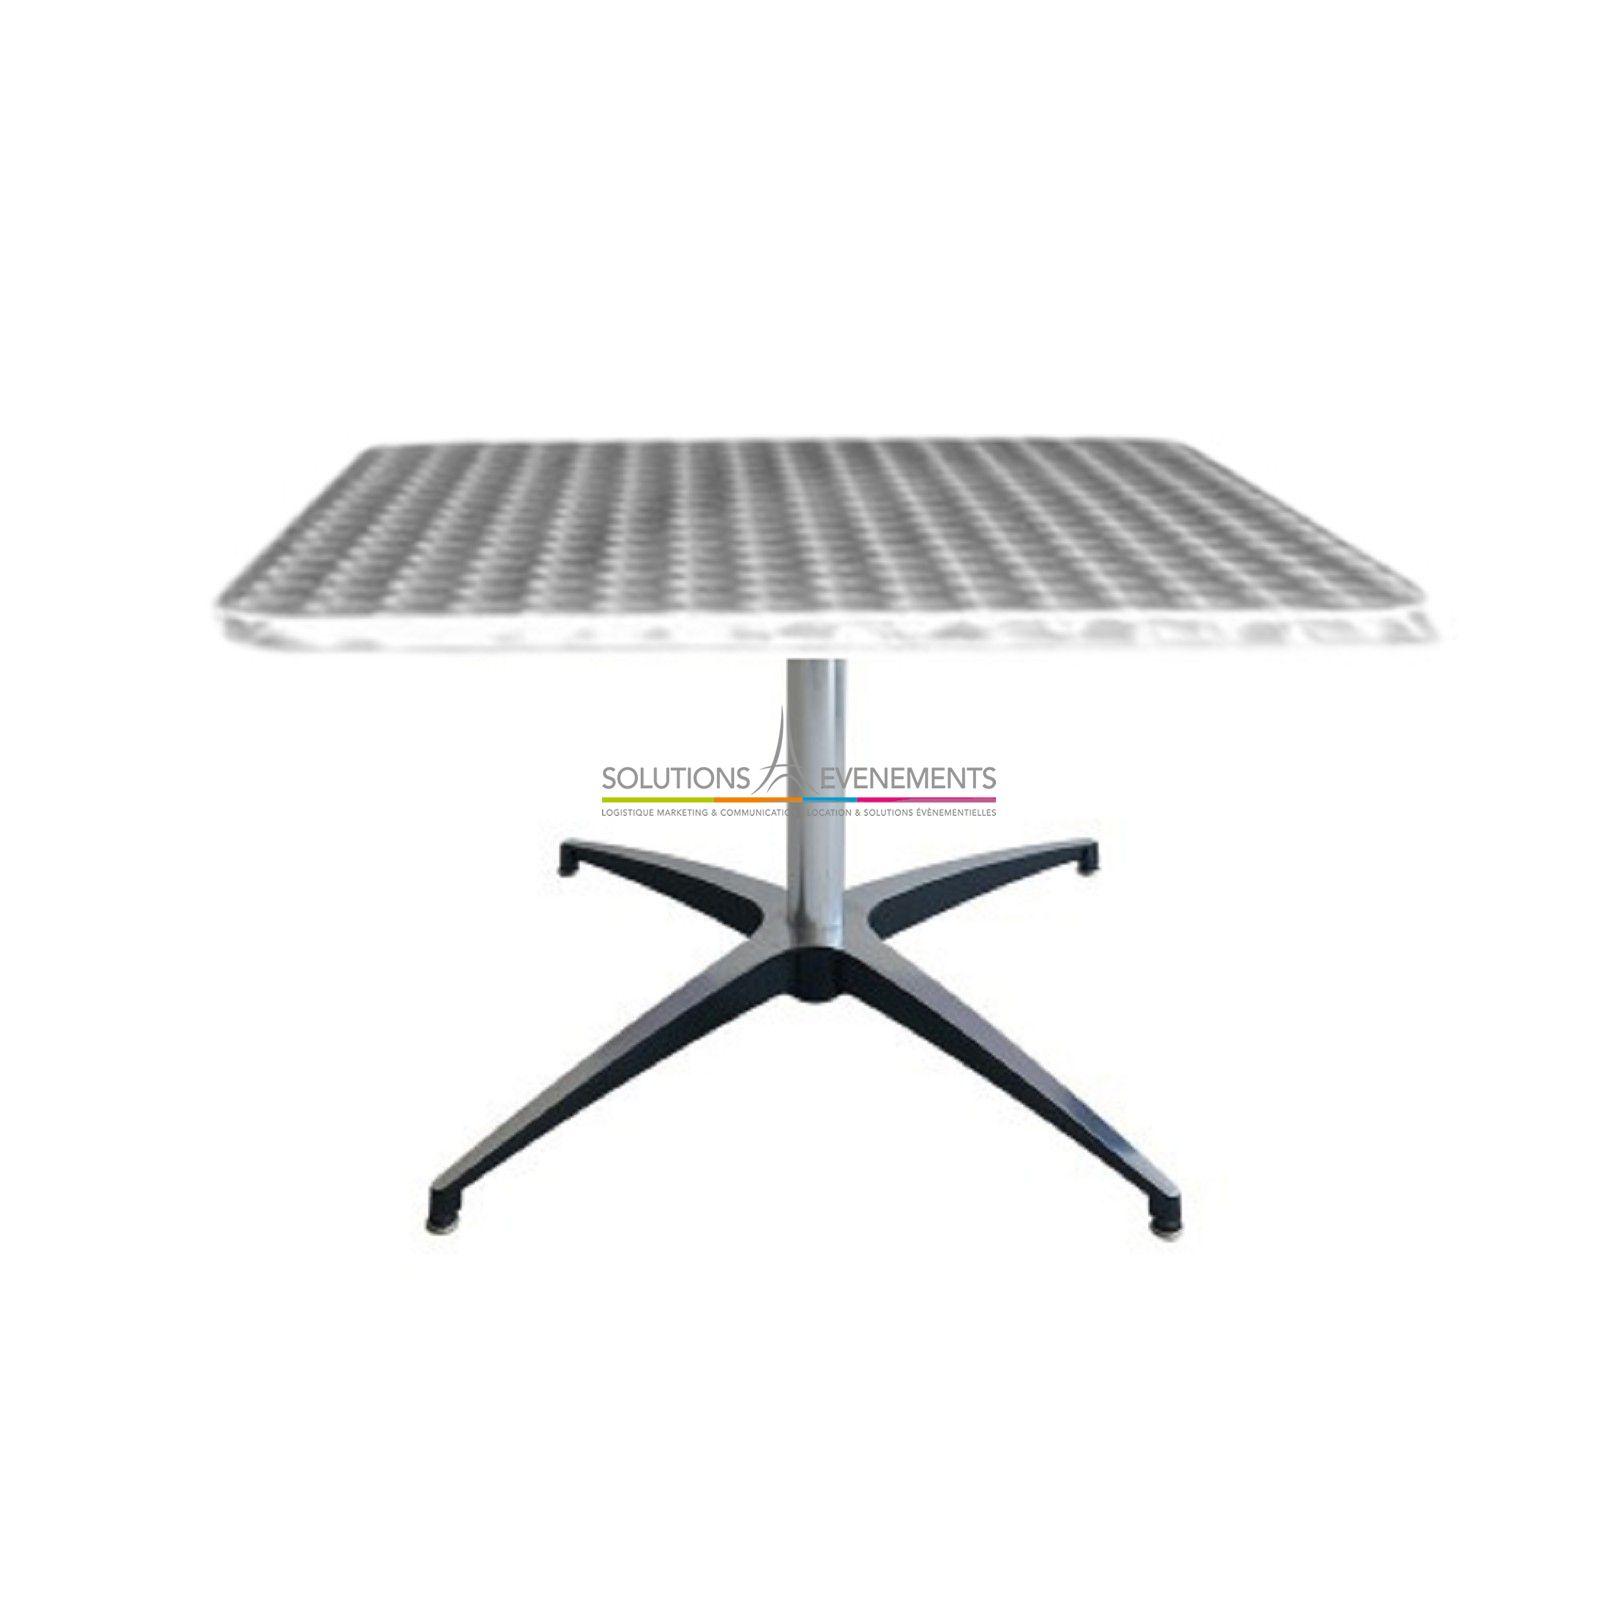 Table Basse En Inox dedans location table basse bistrot/inox - solutions evenements